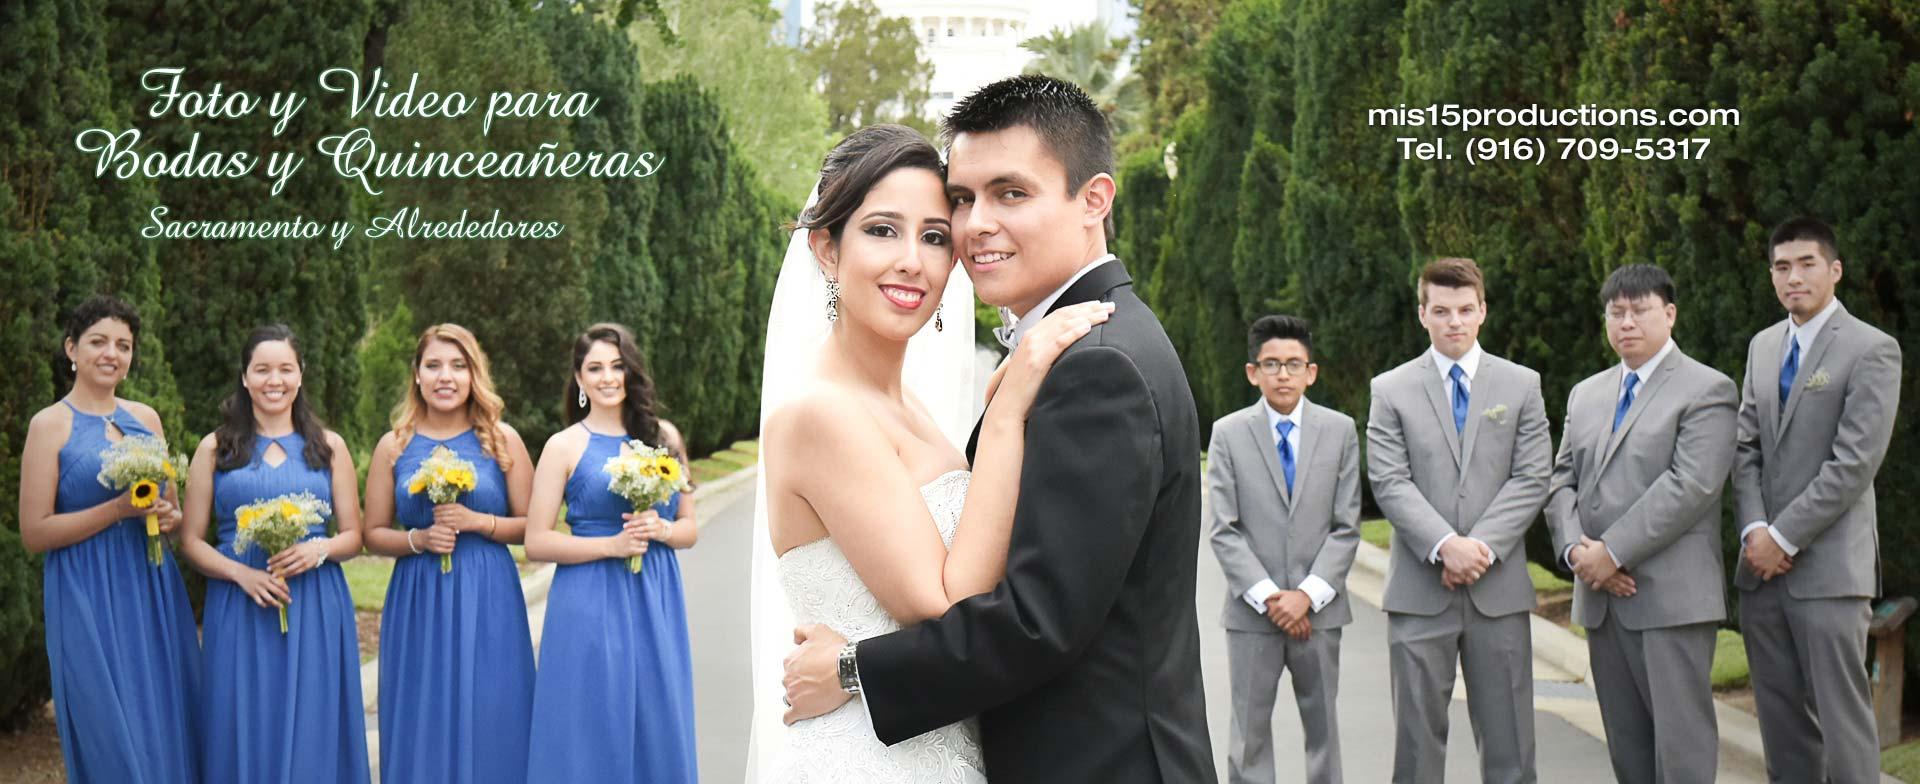 Foto y Video para Bodas en Sacramento